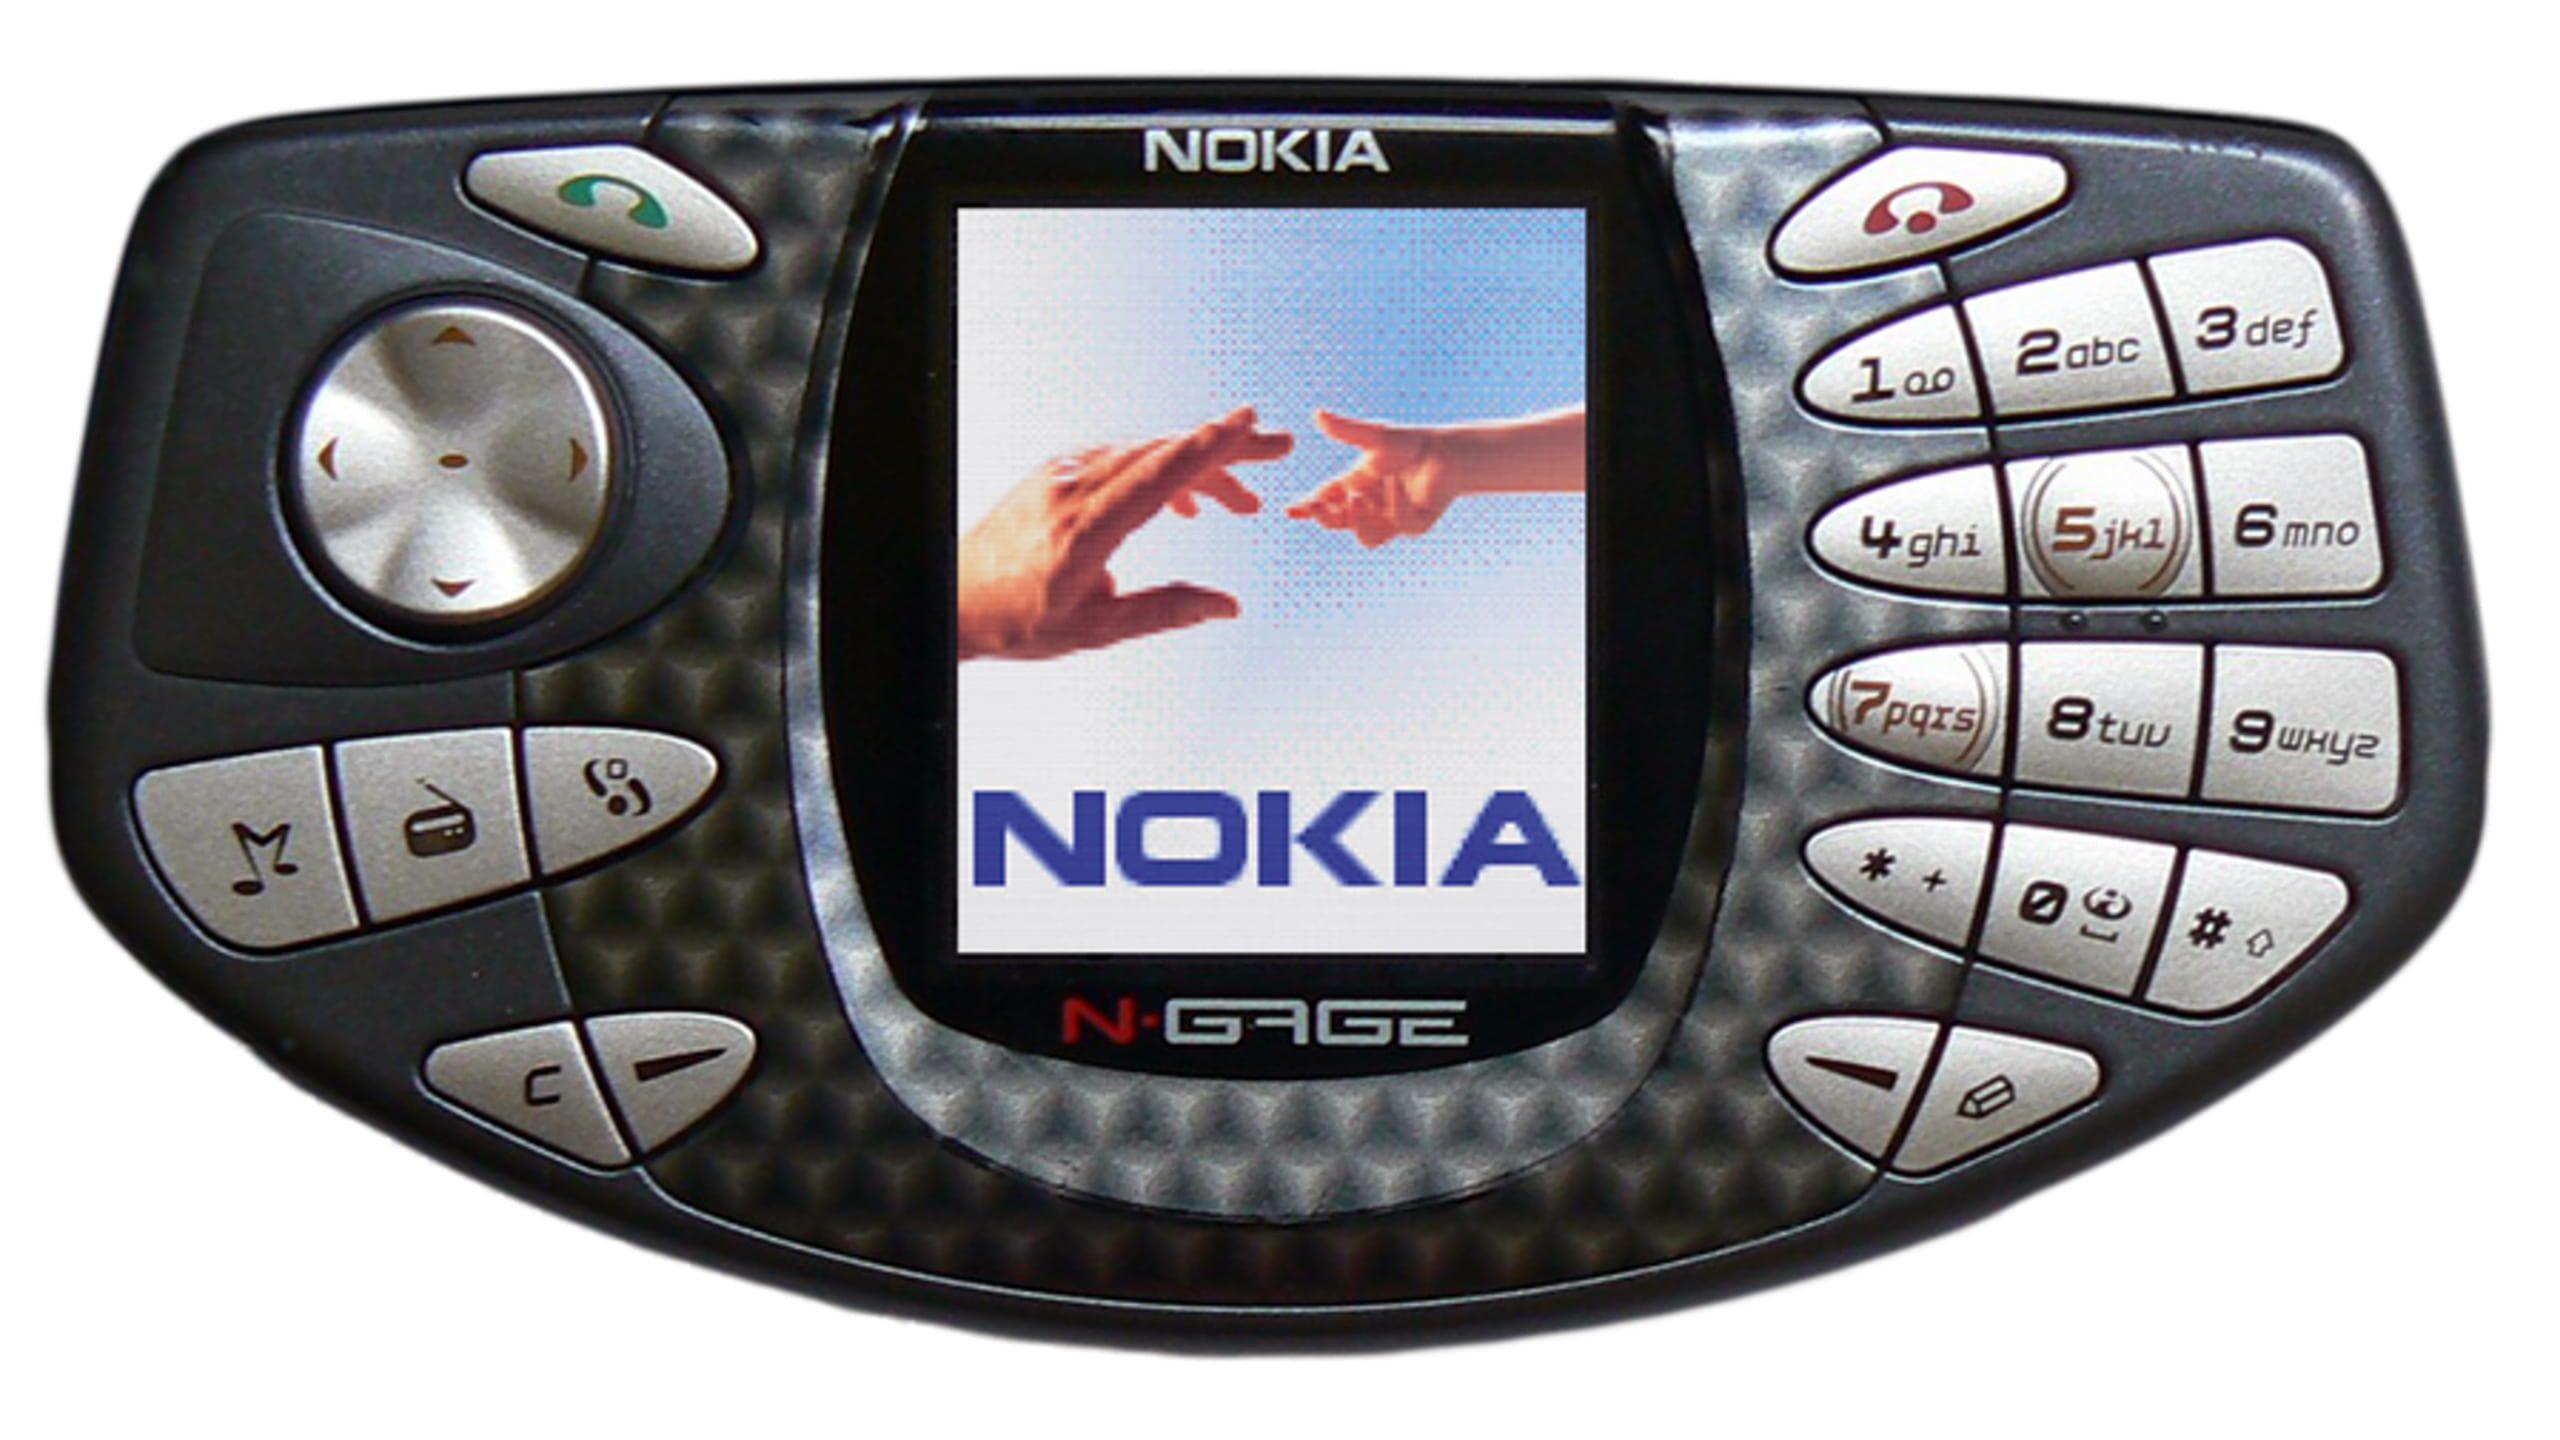 Nokia N-gage 01